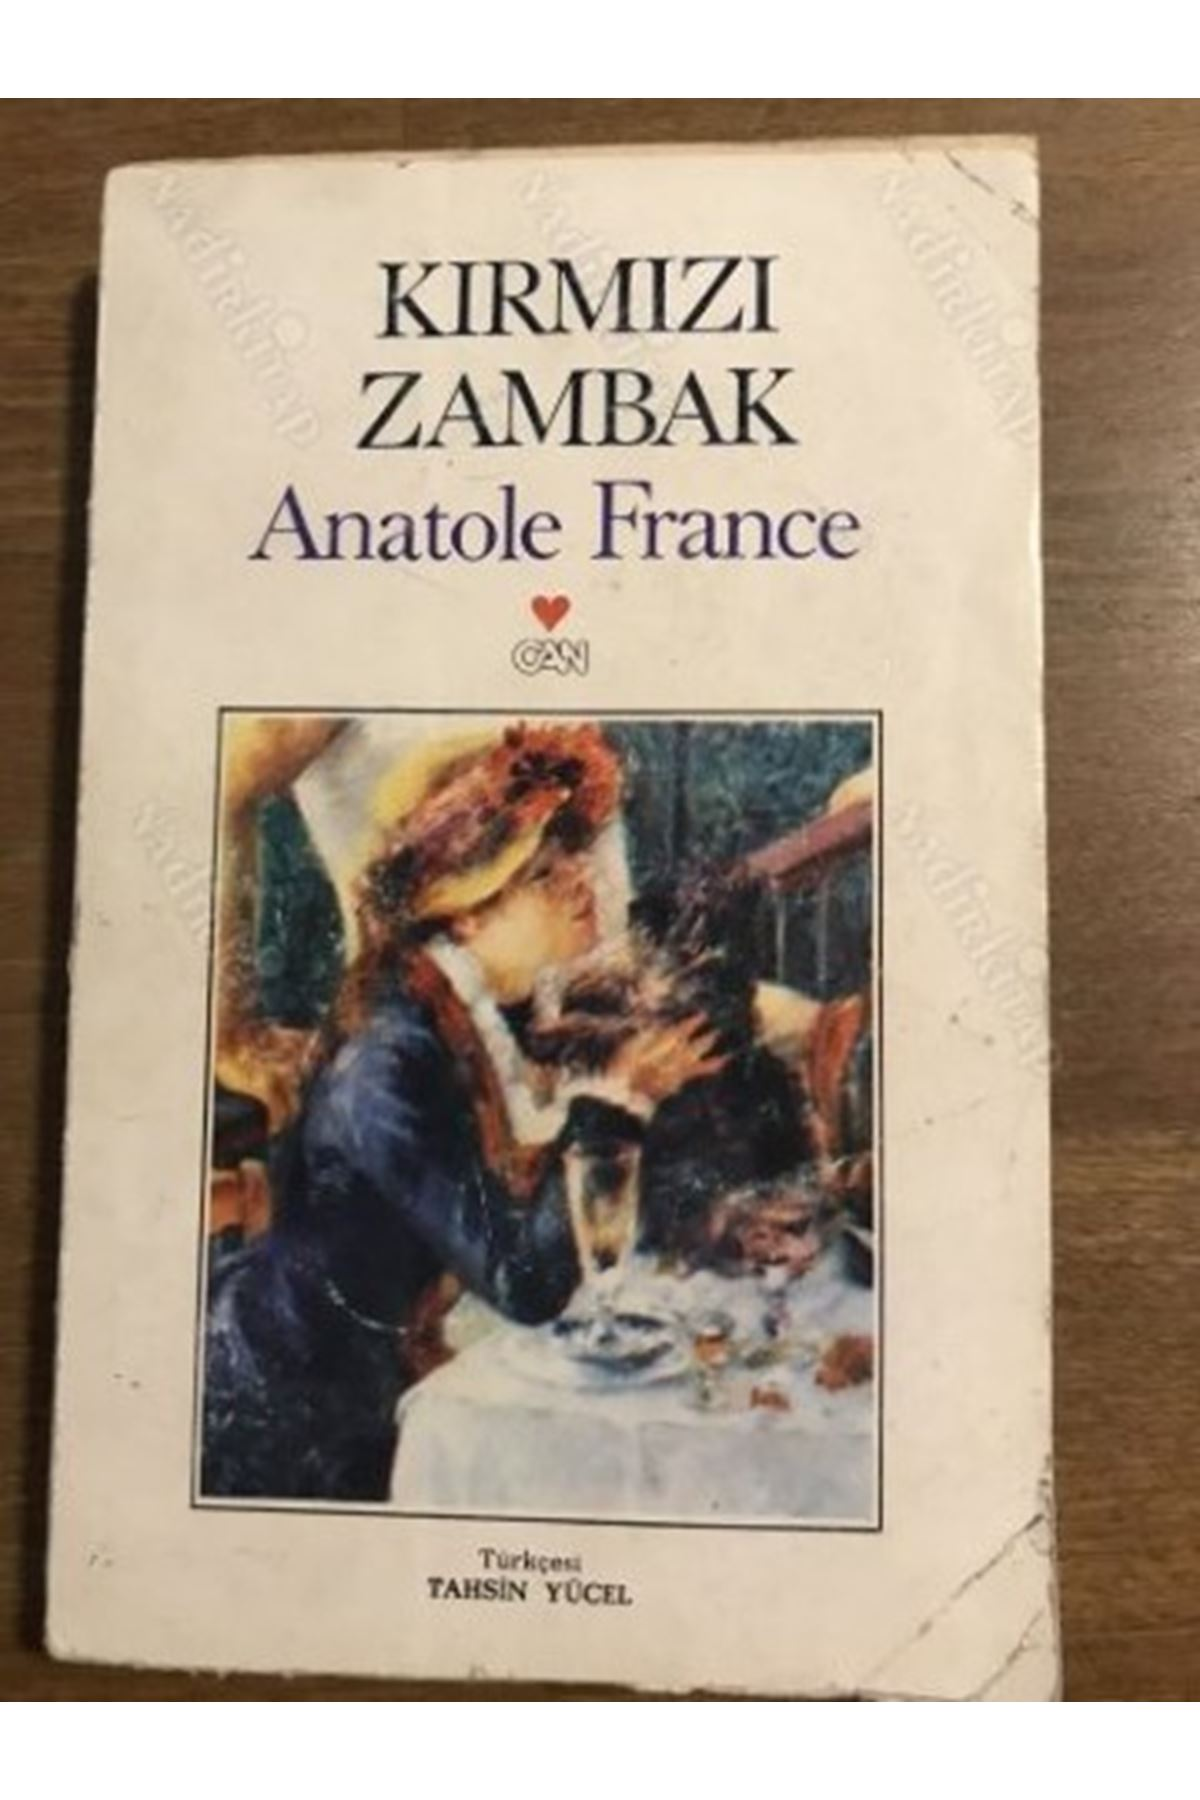 ANATOLE FRANCE - KIRMIZI ZAMBAK